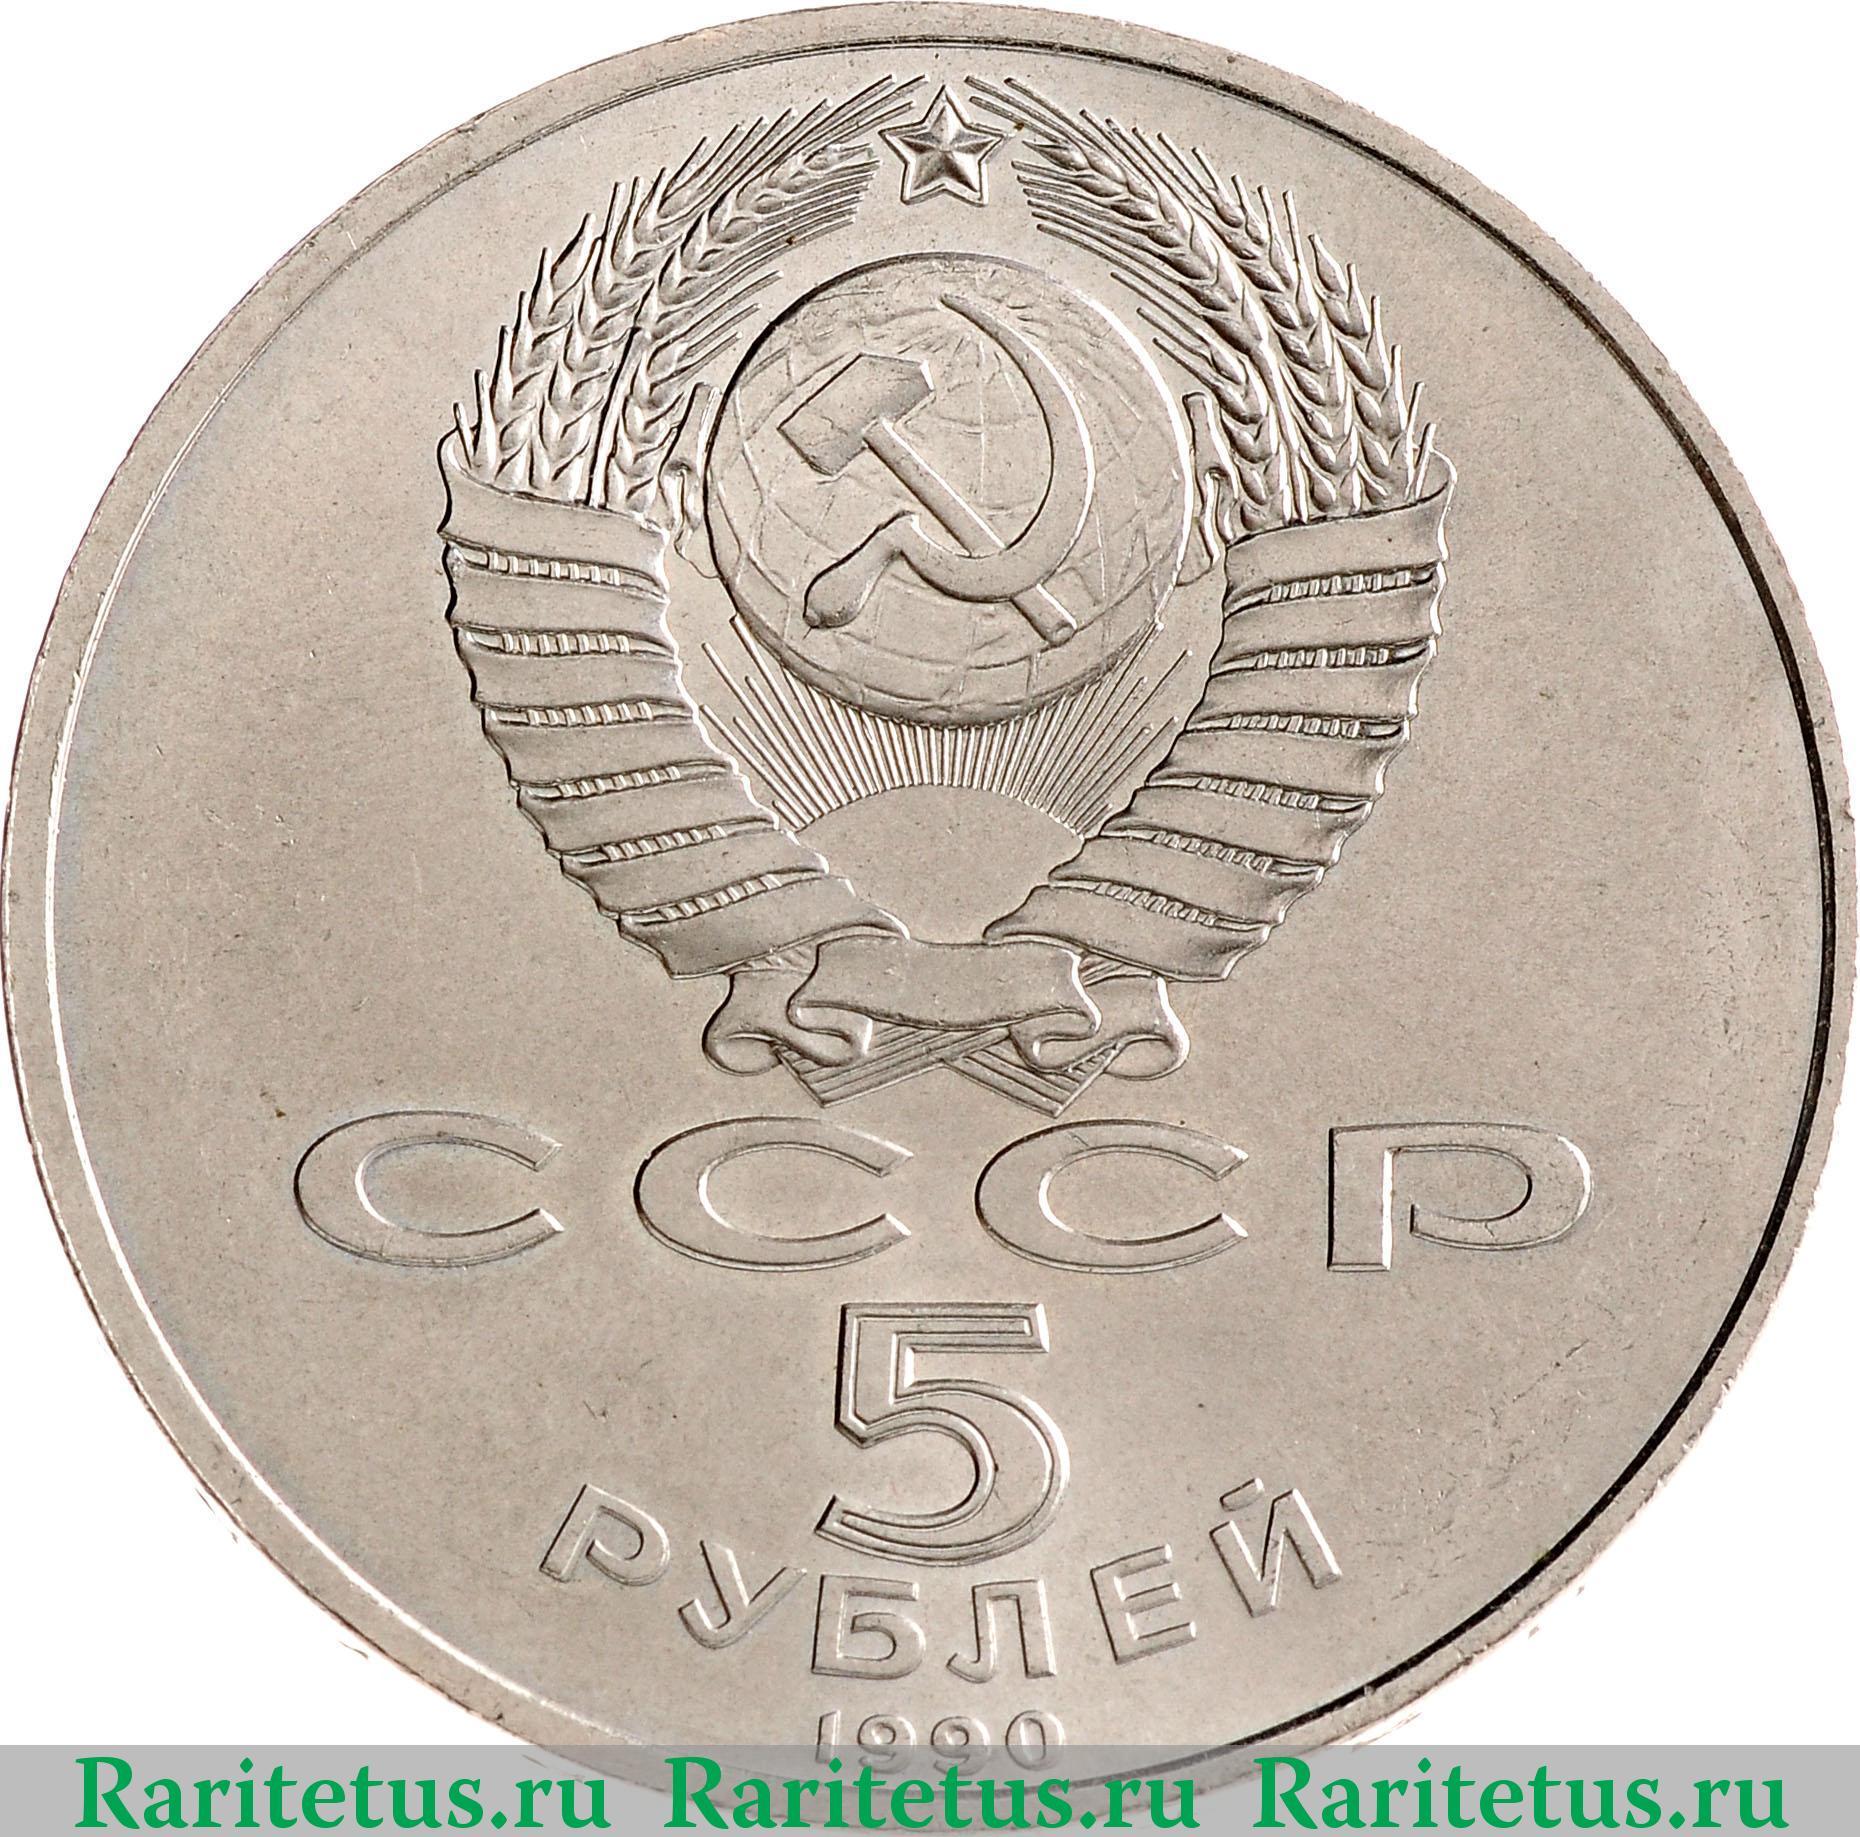 5 рублей петродворец монеты 1913 года стоимость